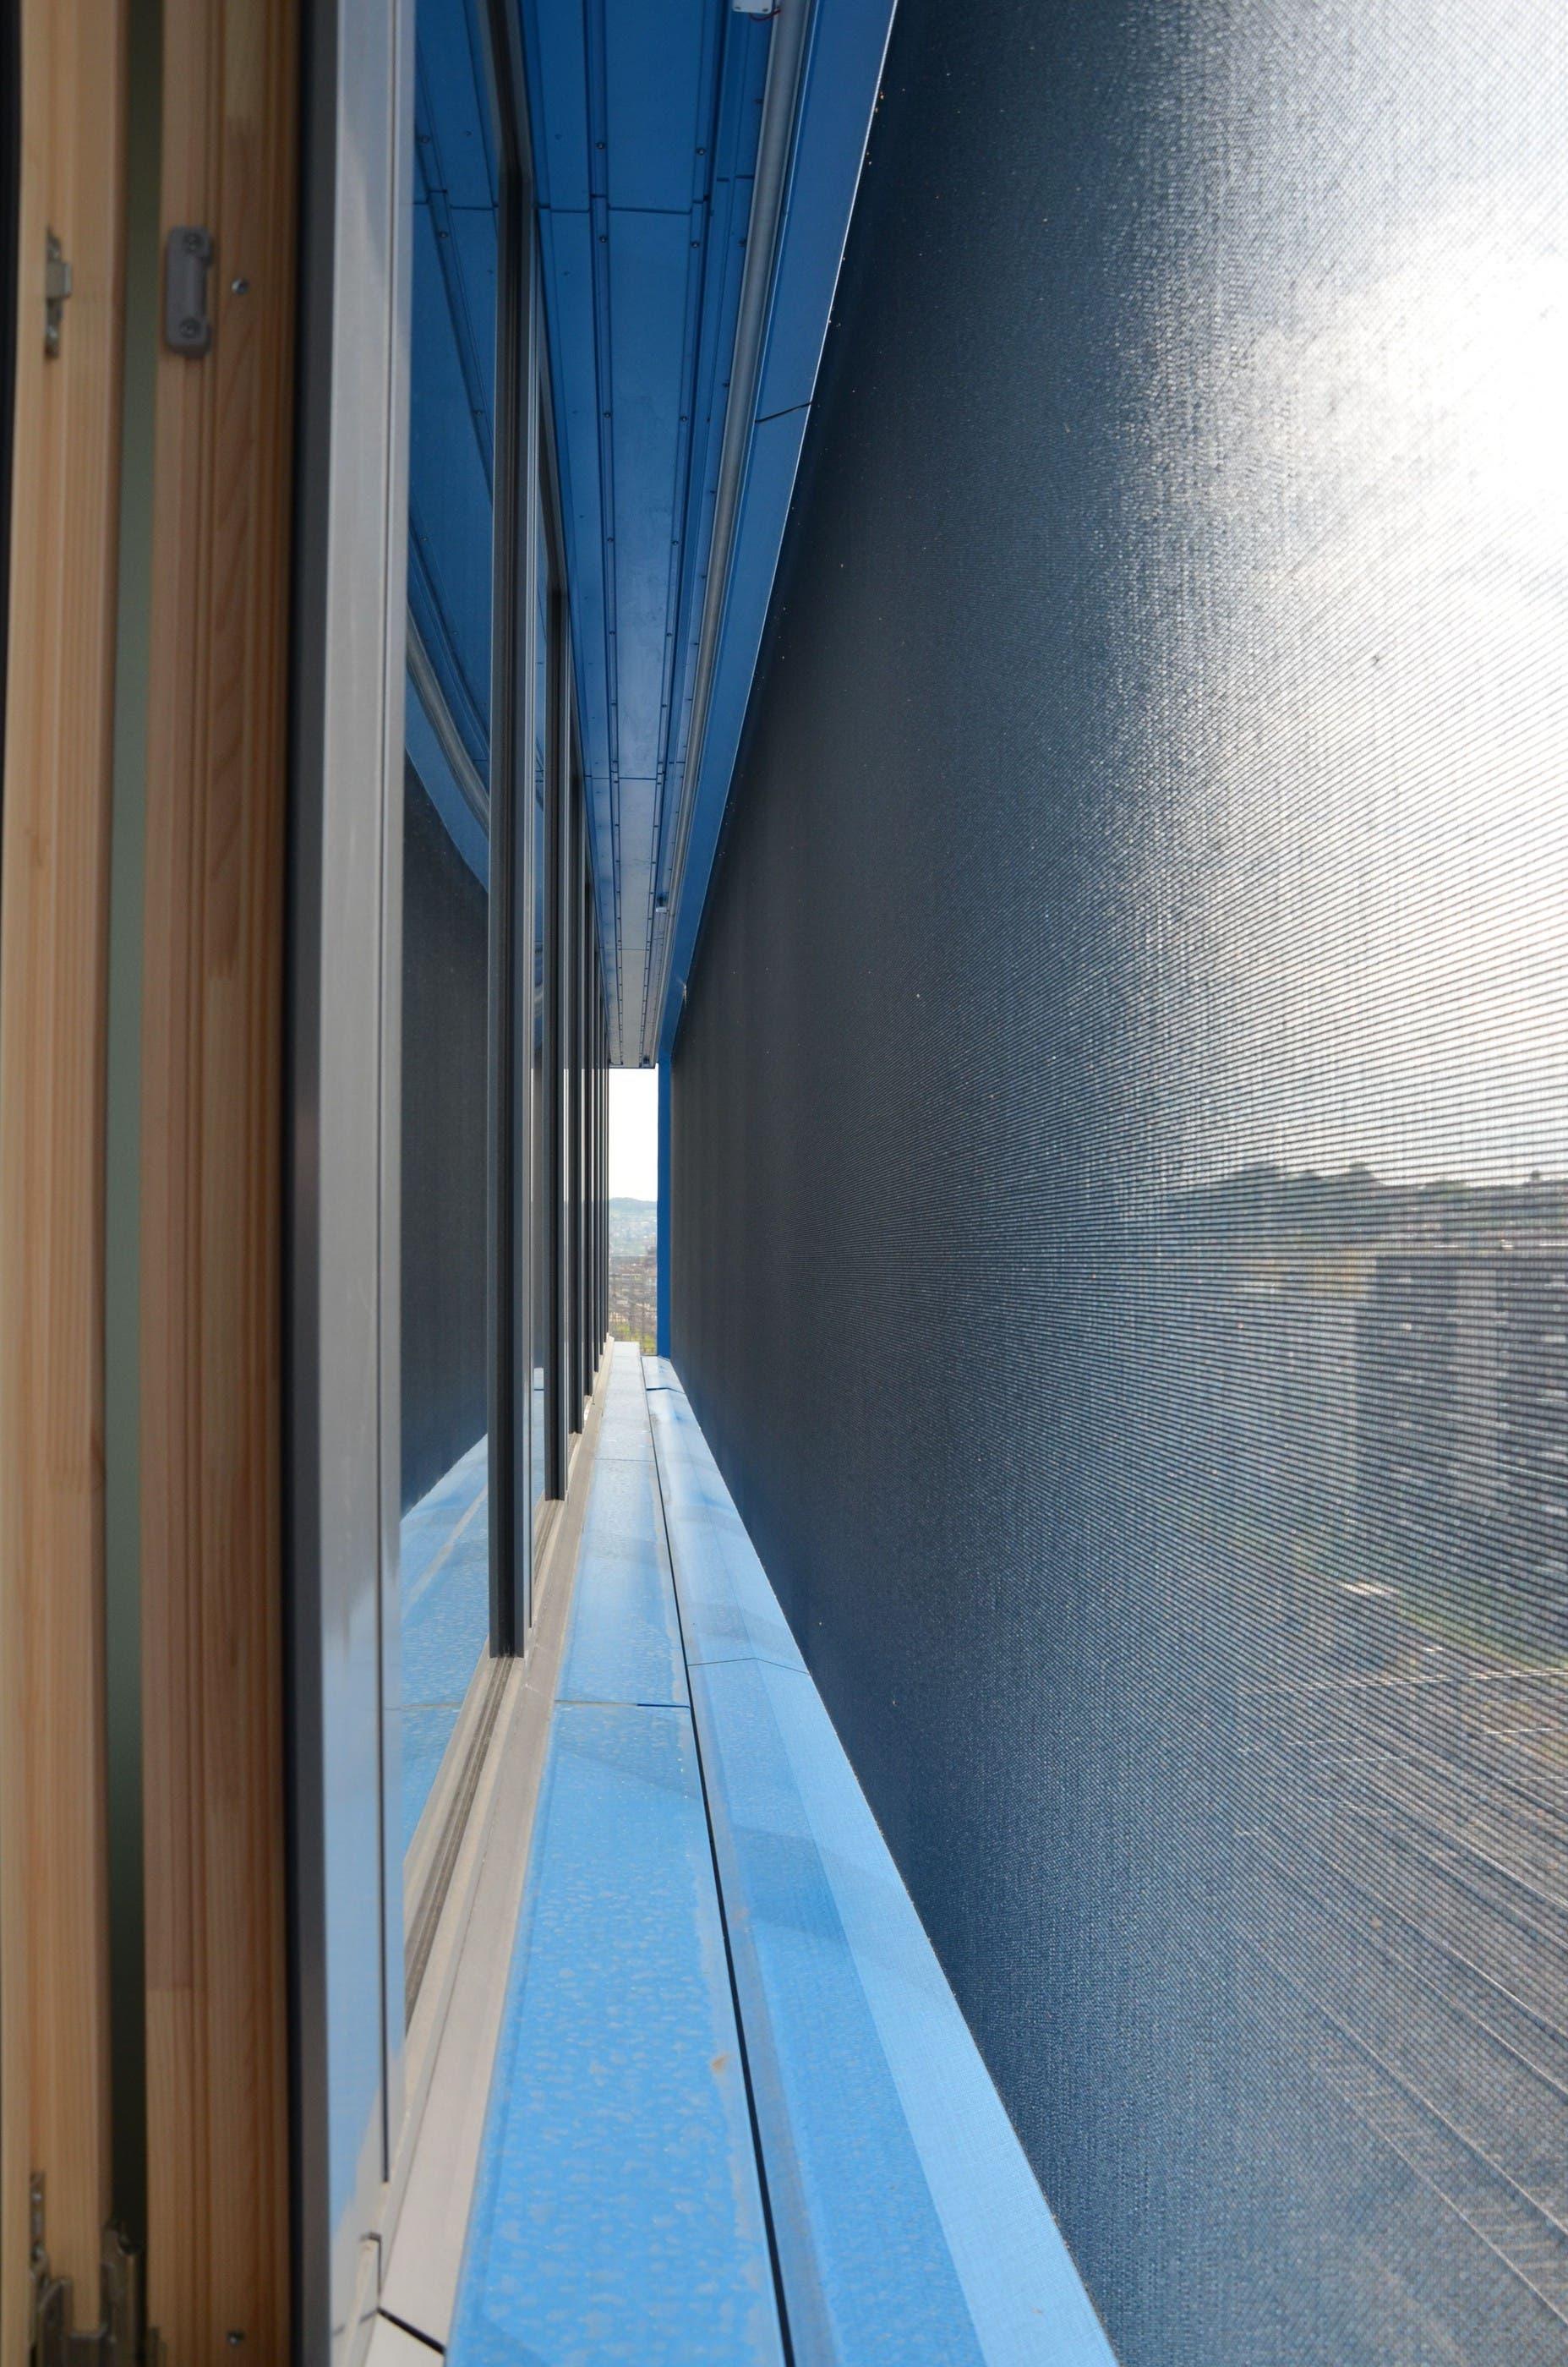 Der Trick: Diese feinmaschigen Metallnetze verbergen die zahlreichen Fenster in dern oberen zwei Geschossen des Gebäudes vor den Blicken von Aussen.